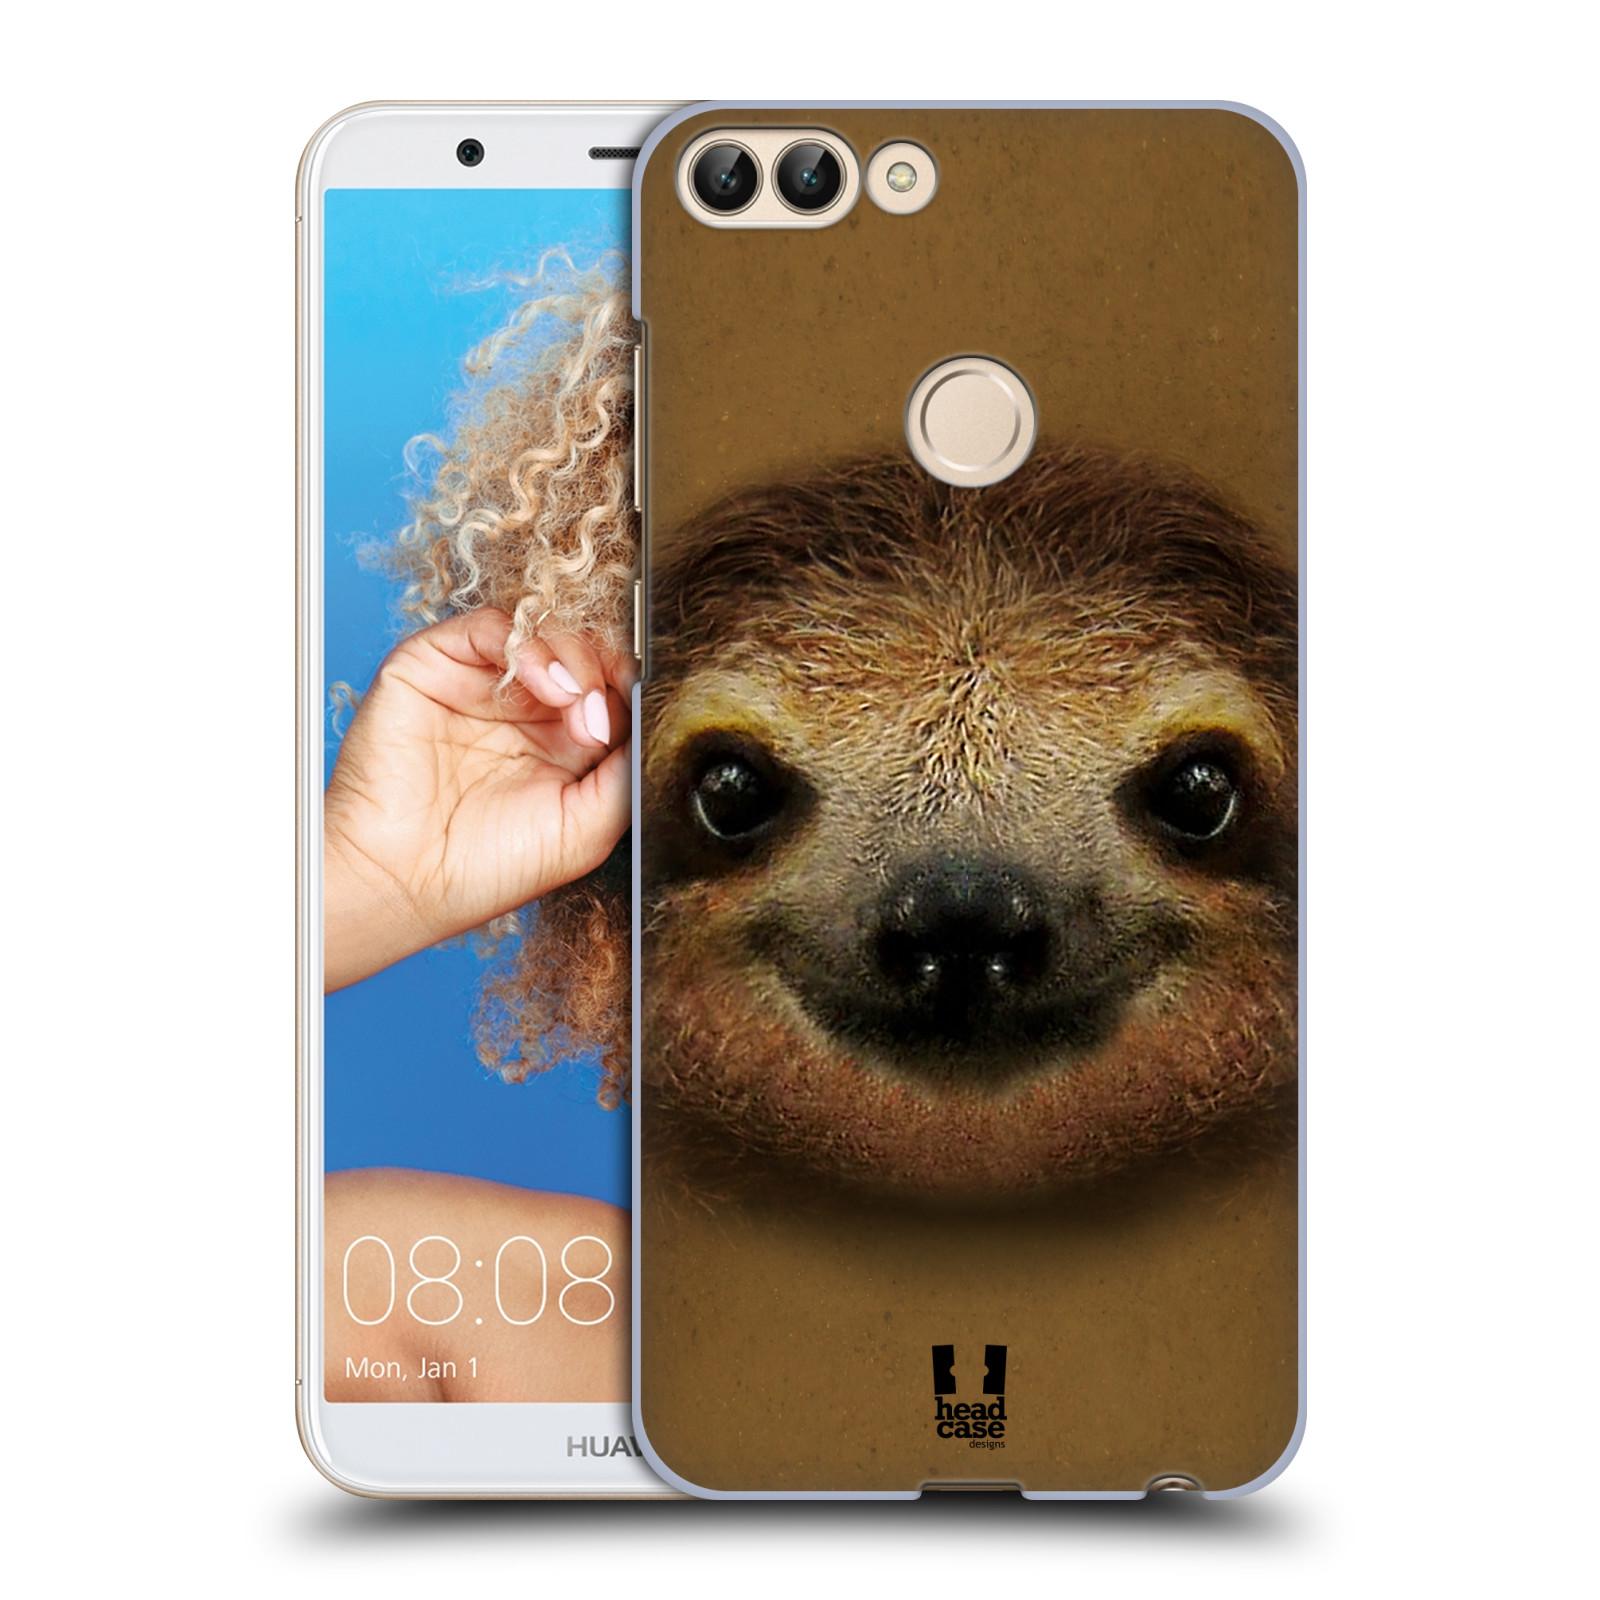 HEAD CASE plastový obal na mobil Huawei P Smart vzor Zvířecí tváře 2 lenochod